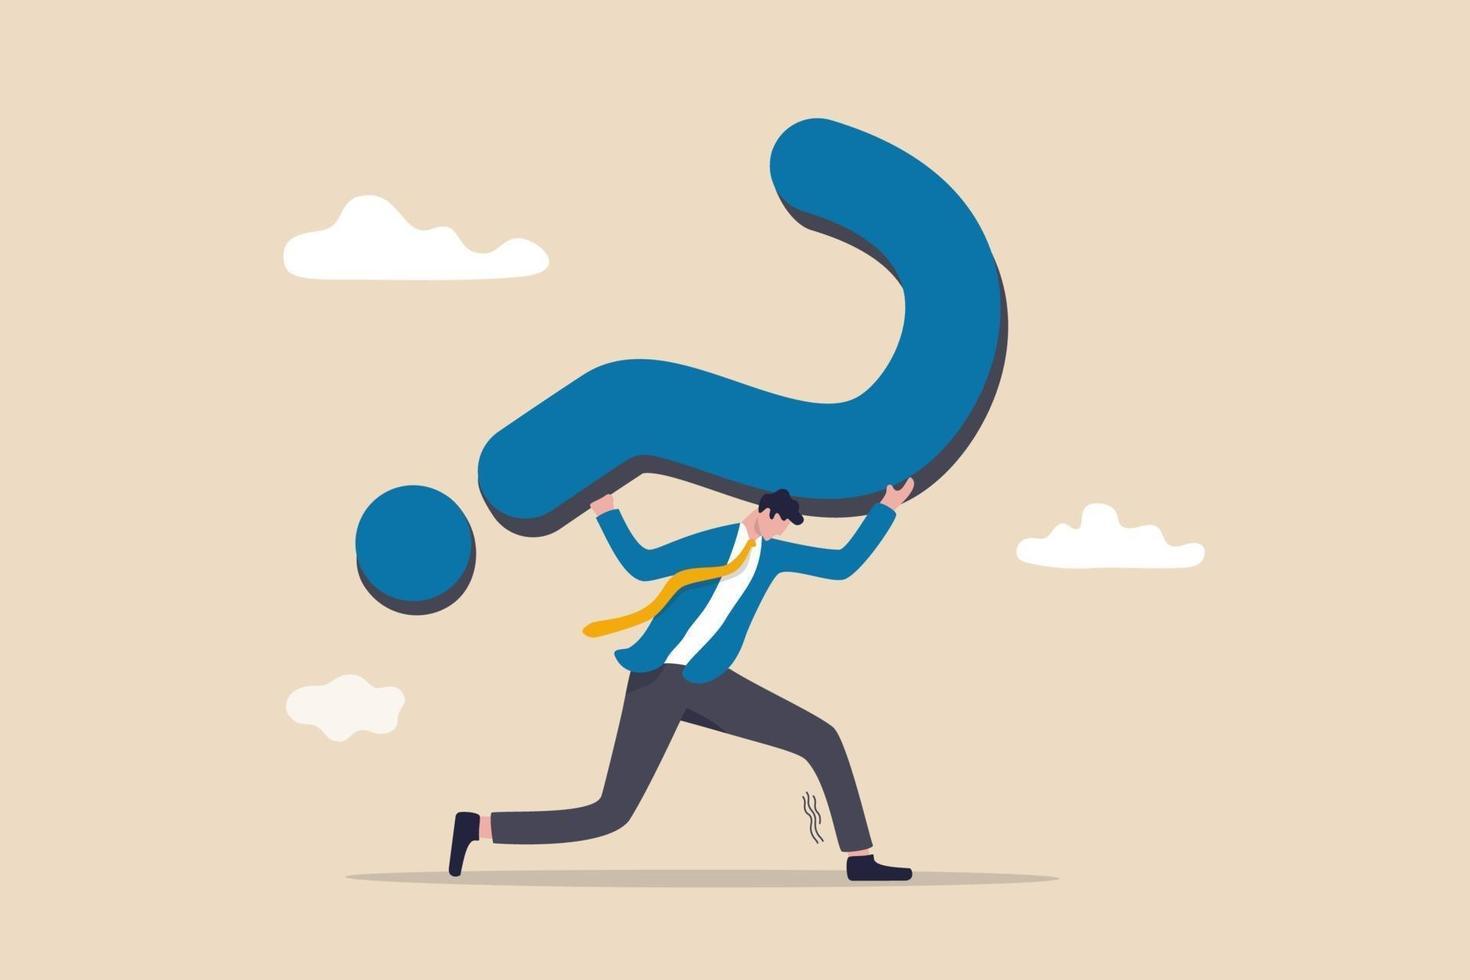 svår fråga utan svar eller lösning, kritiskt affärsproblem, tvivelaktigt eller stressbelastningskoncept vektor